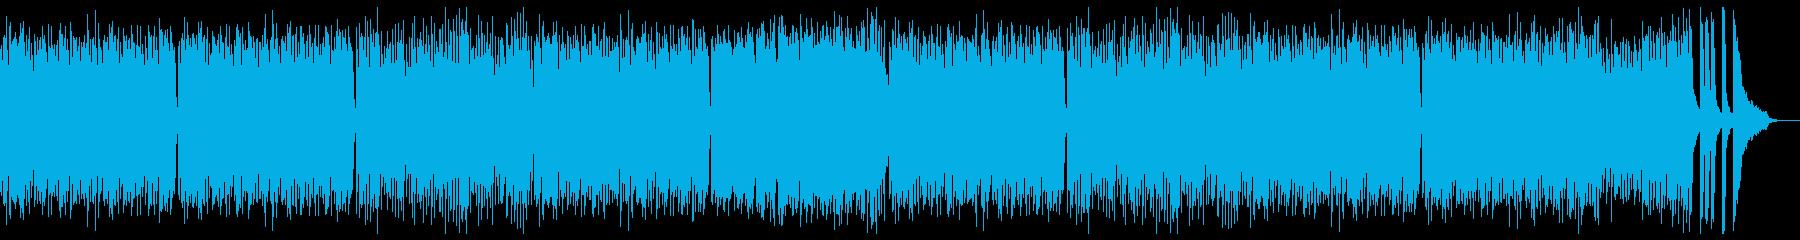 モーツアルト風の優しいピアノの再生済みの波形